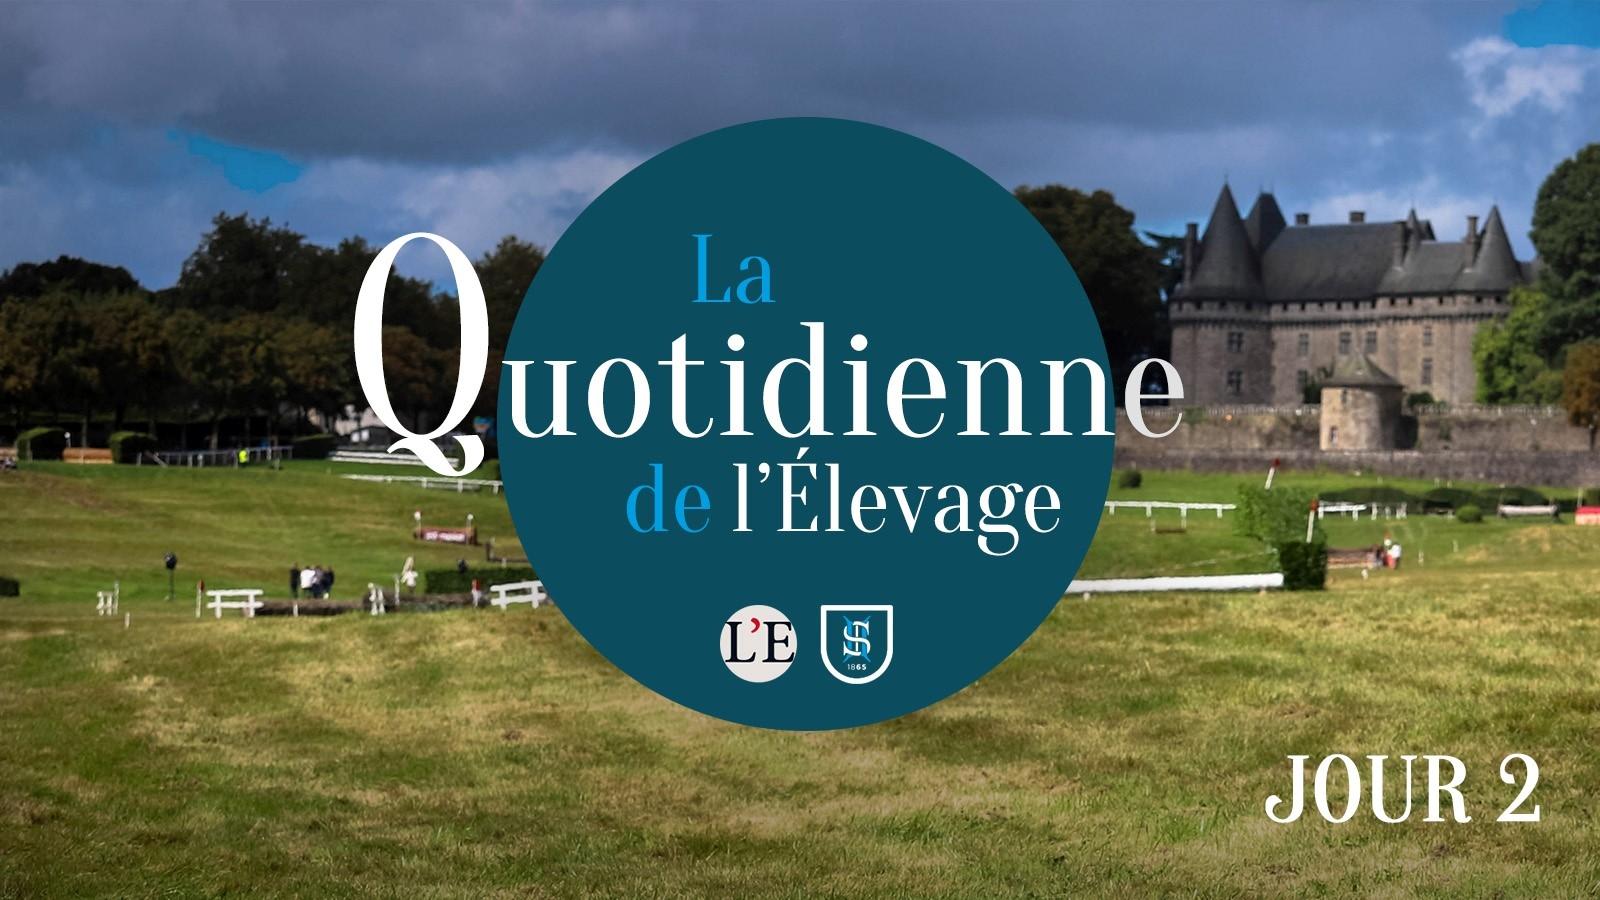 Lire l'acutalité Focus aujourd'hui sur le Stud-book Selle Français et rencontre avec le Champion...